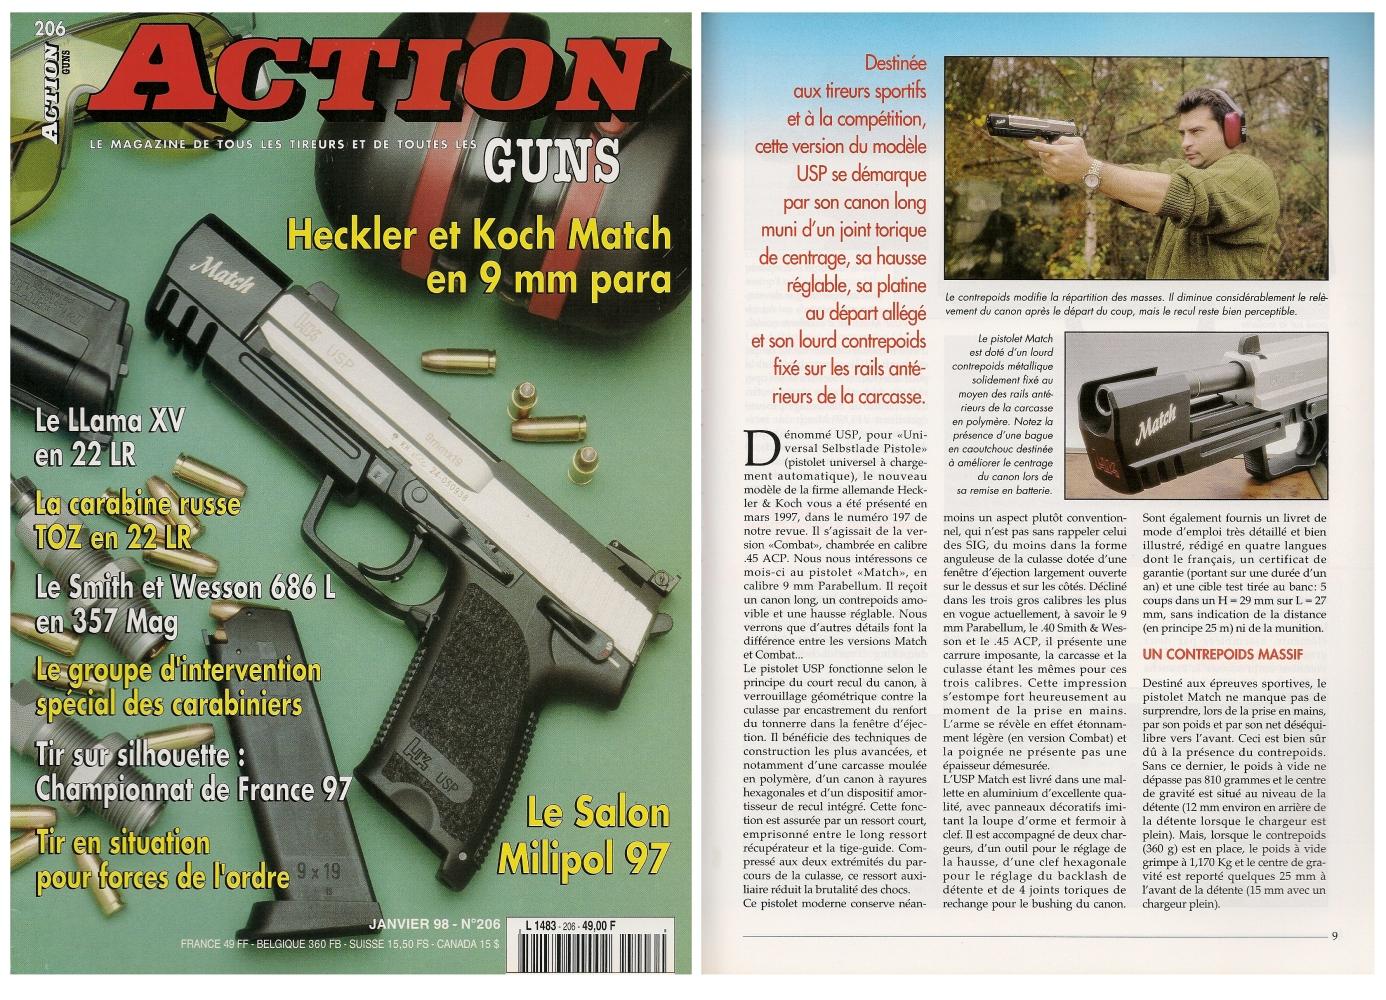 Le banc d'essai du pistolet HK USP Match a été publié sur 6 pages dans le magazine Action Guns n° 206 (janvier 1998).